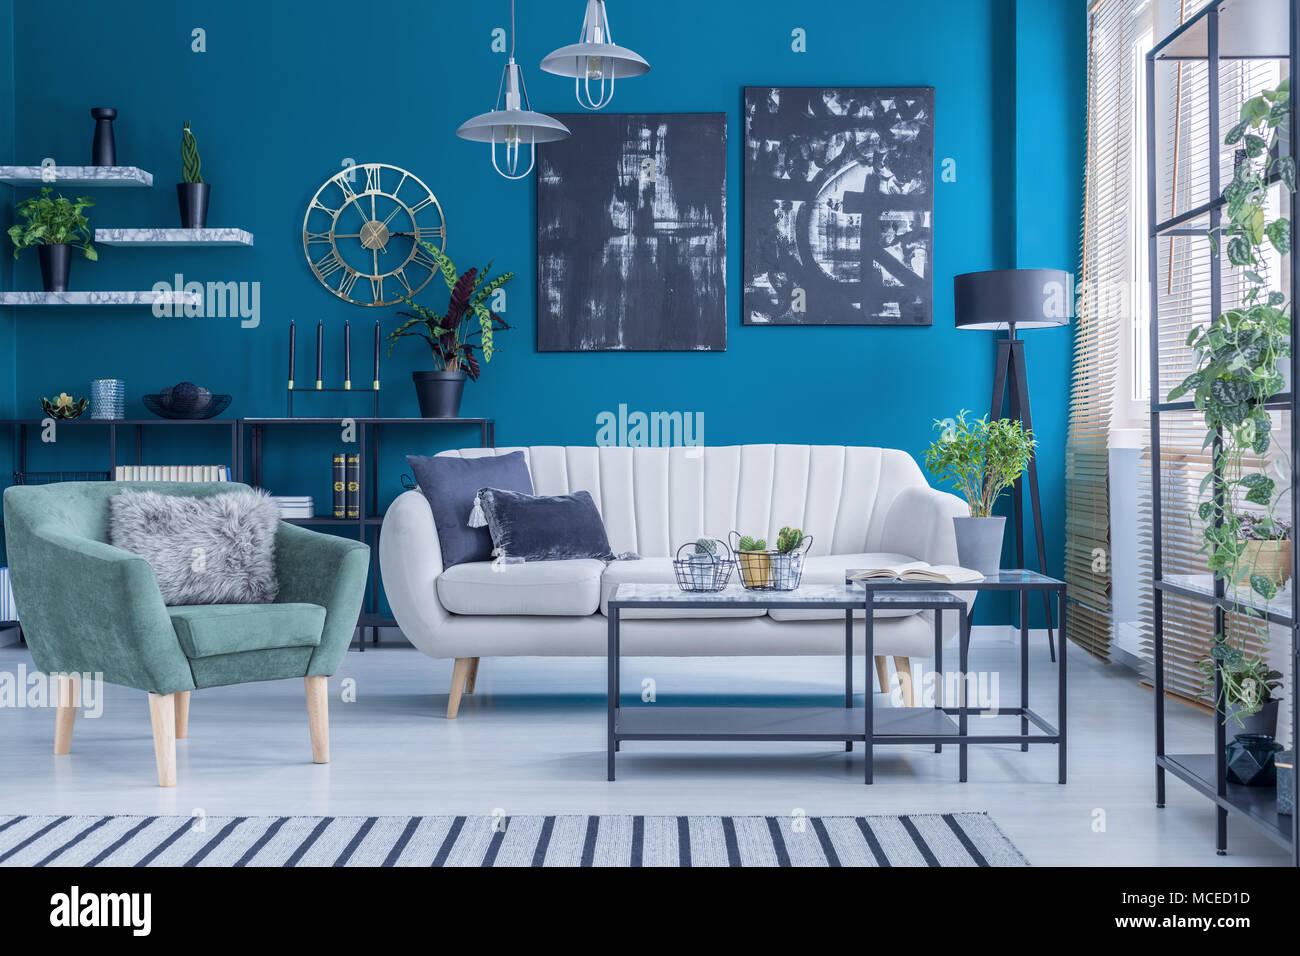 Grün Beige Sofa und Sessel gegen blaue Wand mit schwarzen Gemälde im ...